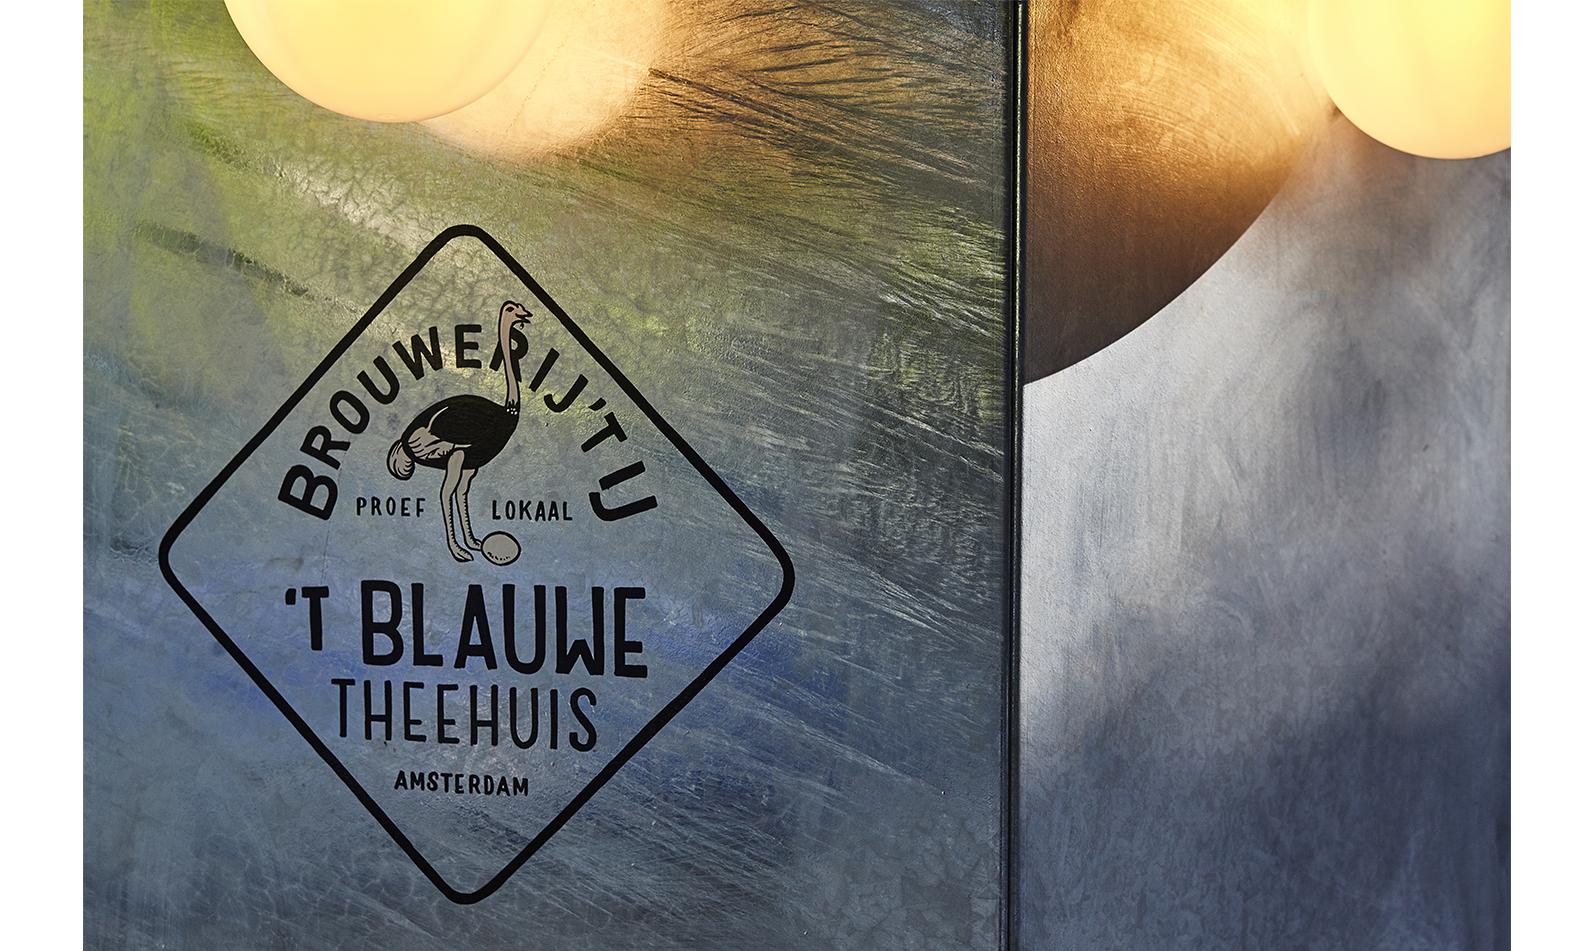 BLAUWE THEEHUIS modijefsky 34.jpg